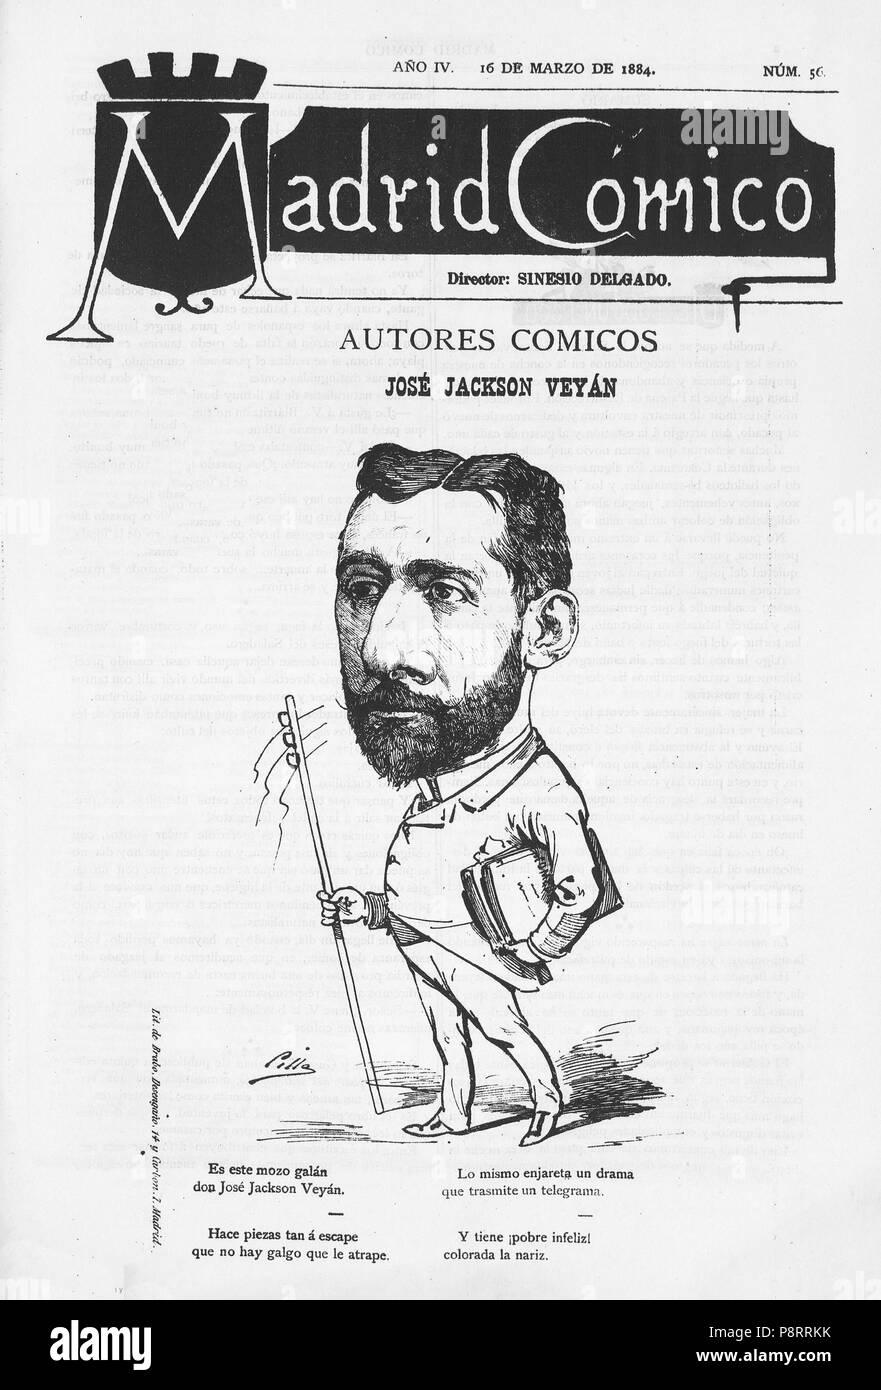 10-1884-03-16-madrid-cmico-de-cilla-jos-